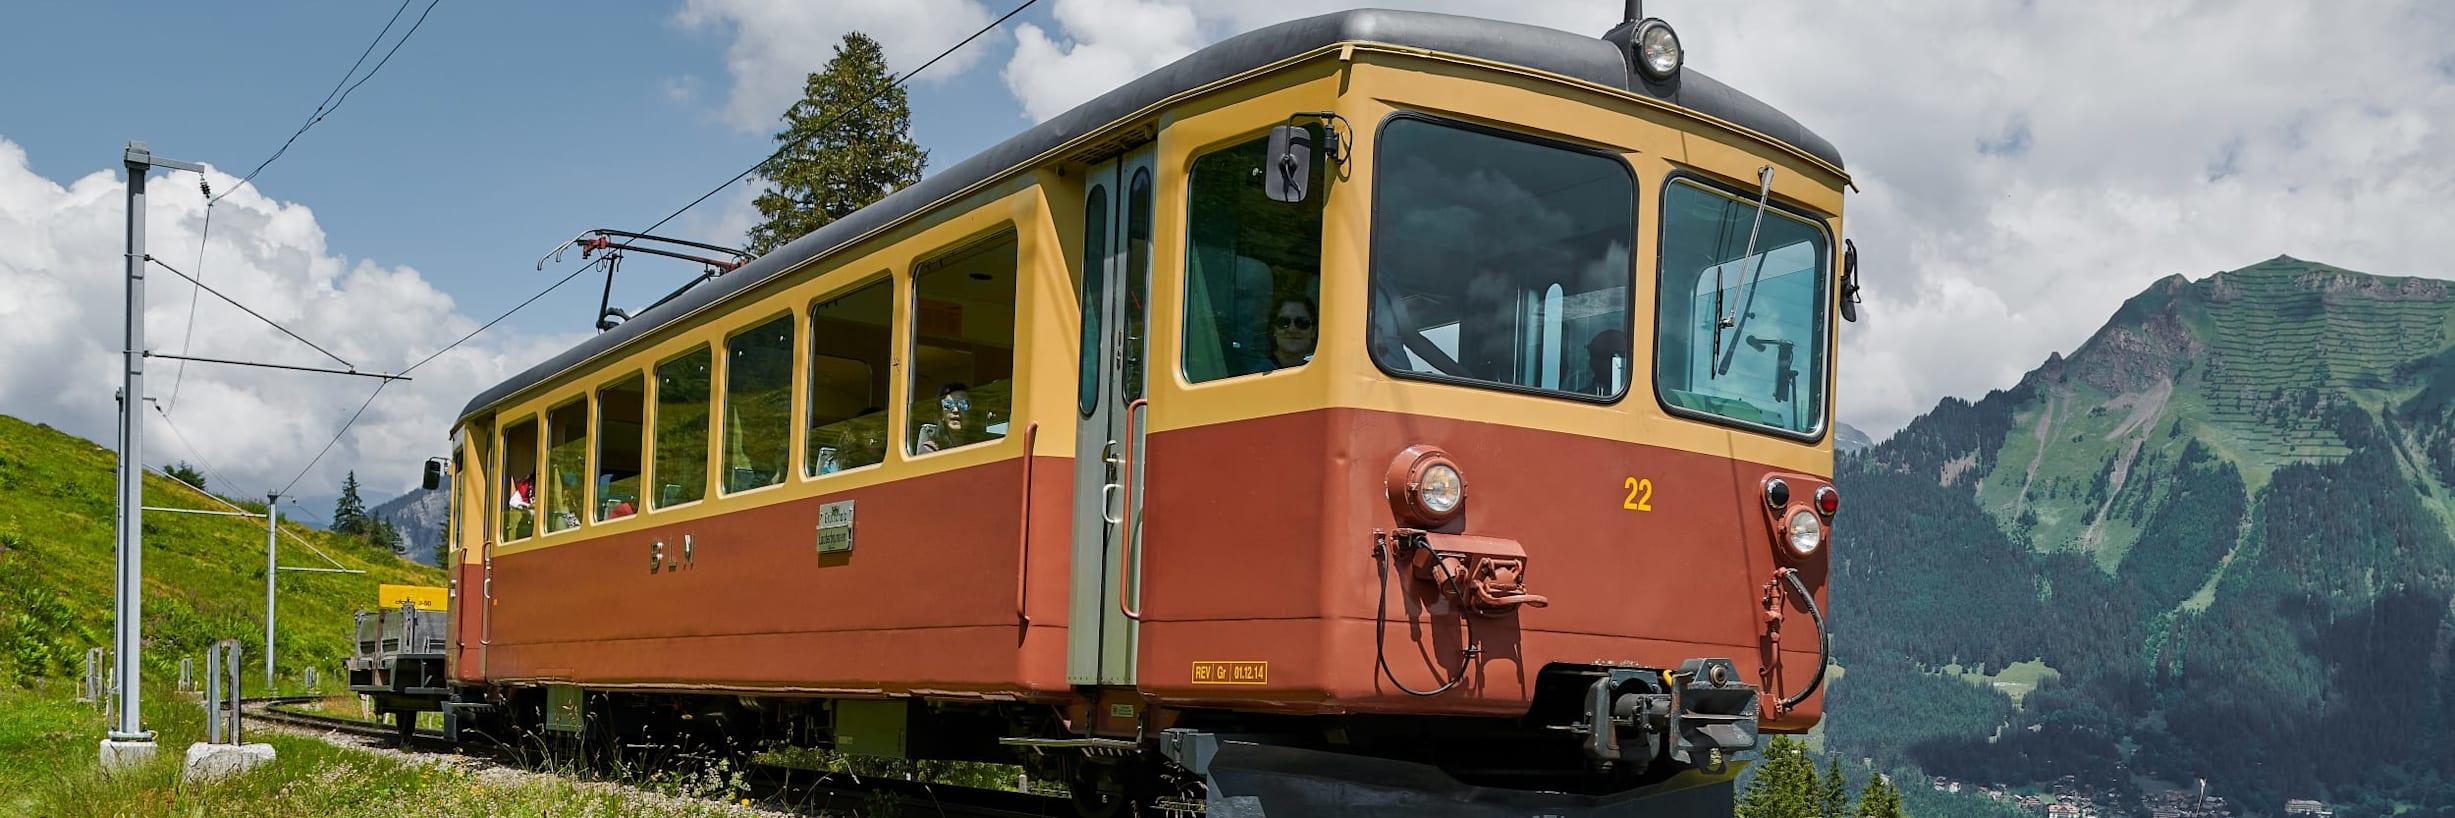 Bergbahn Lauterbrunnen Muerren